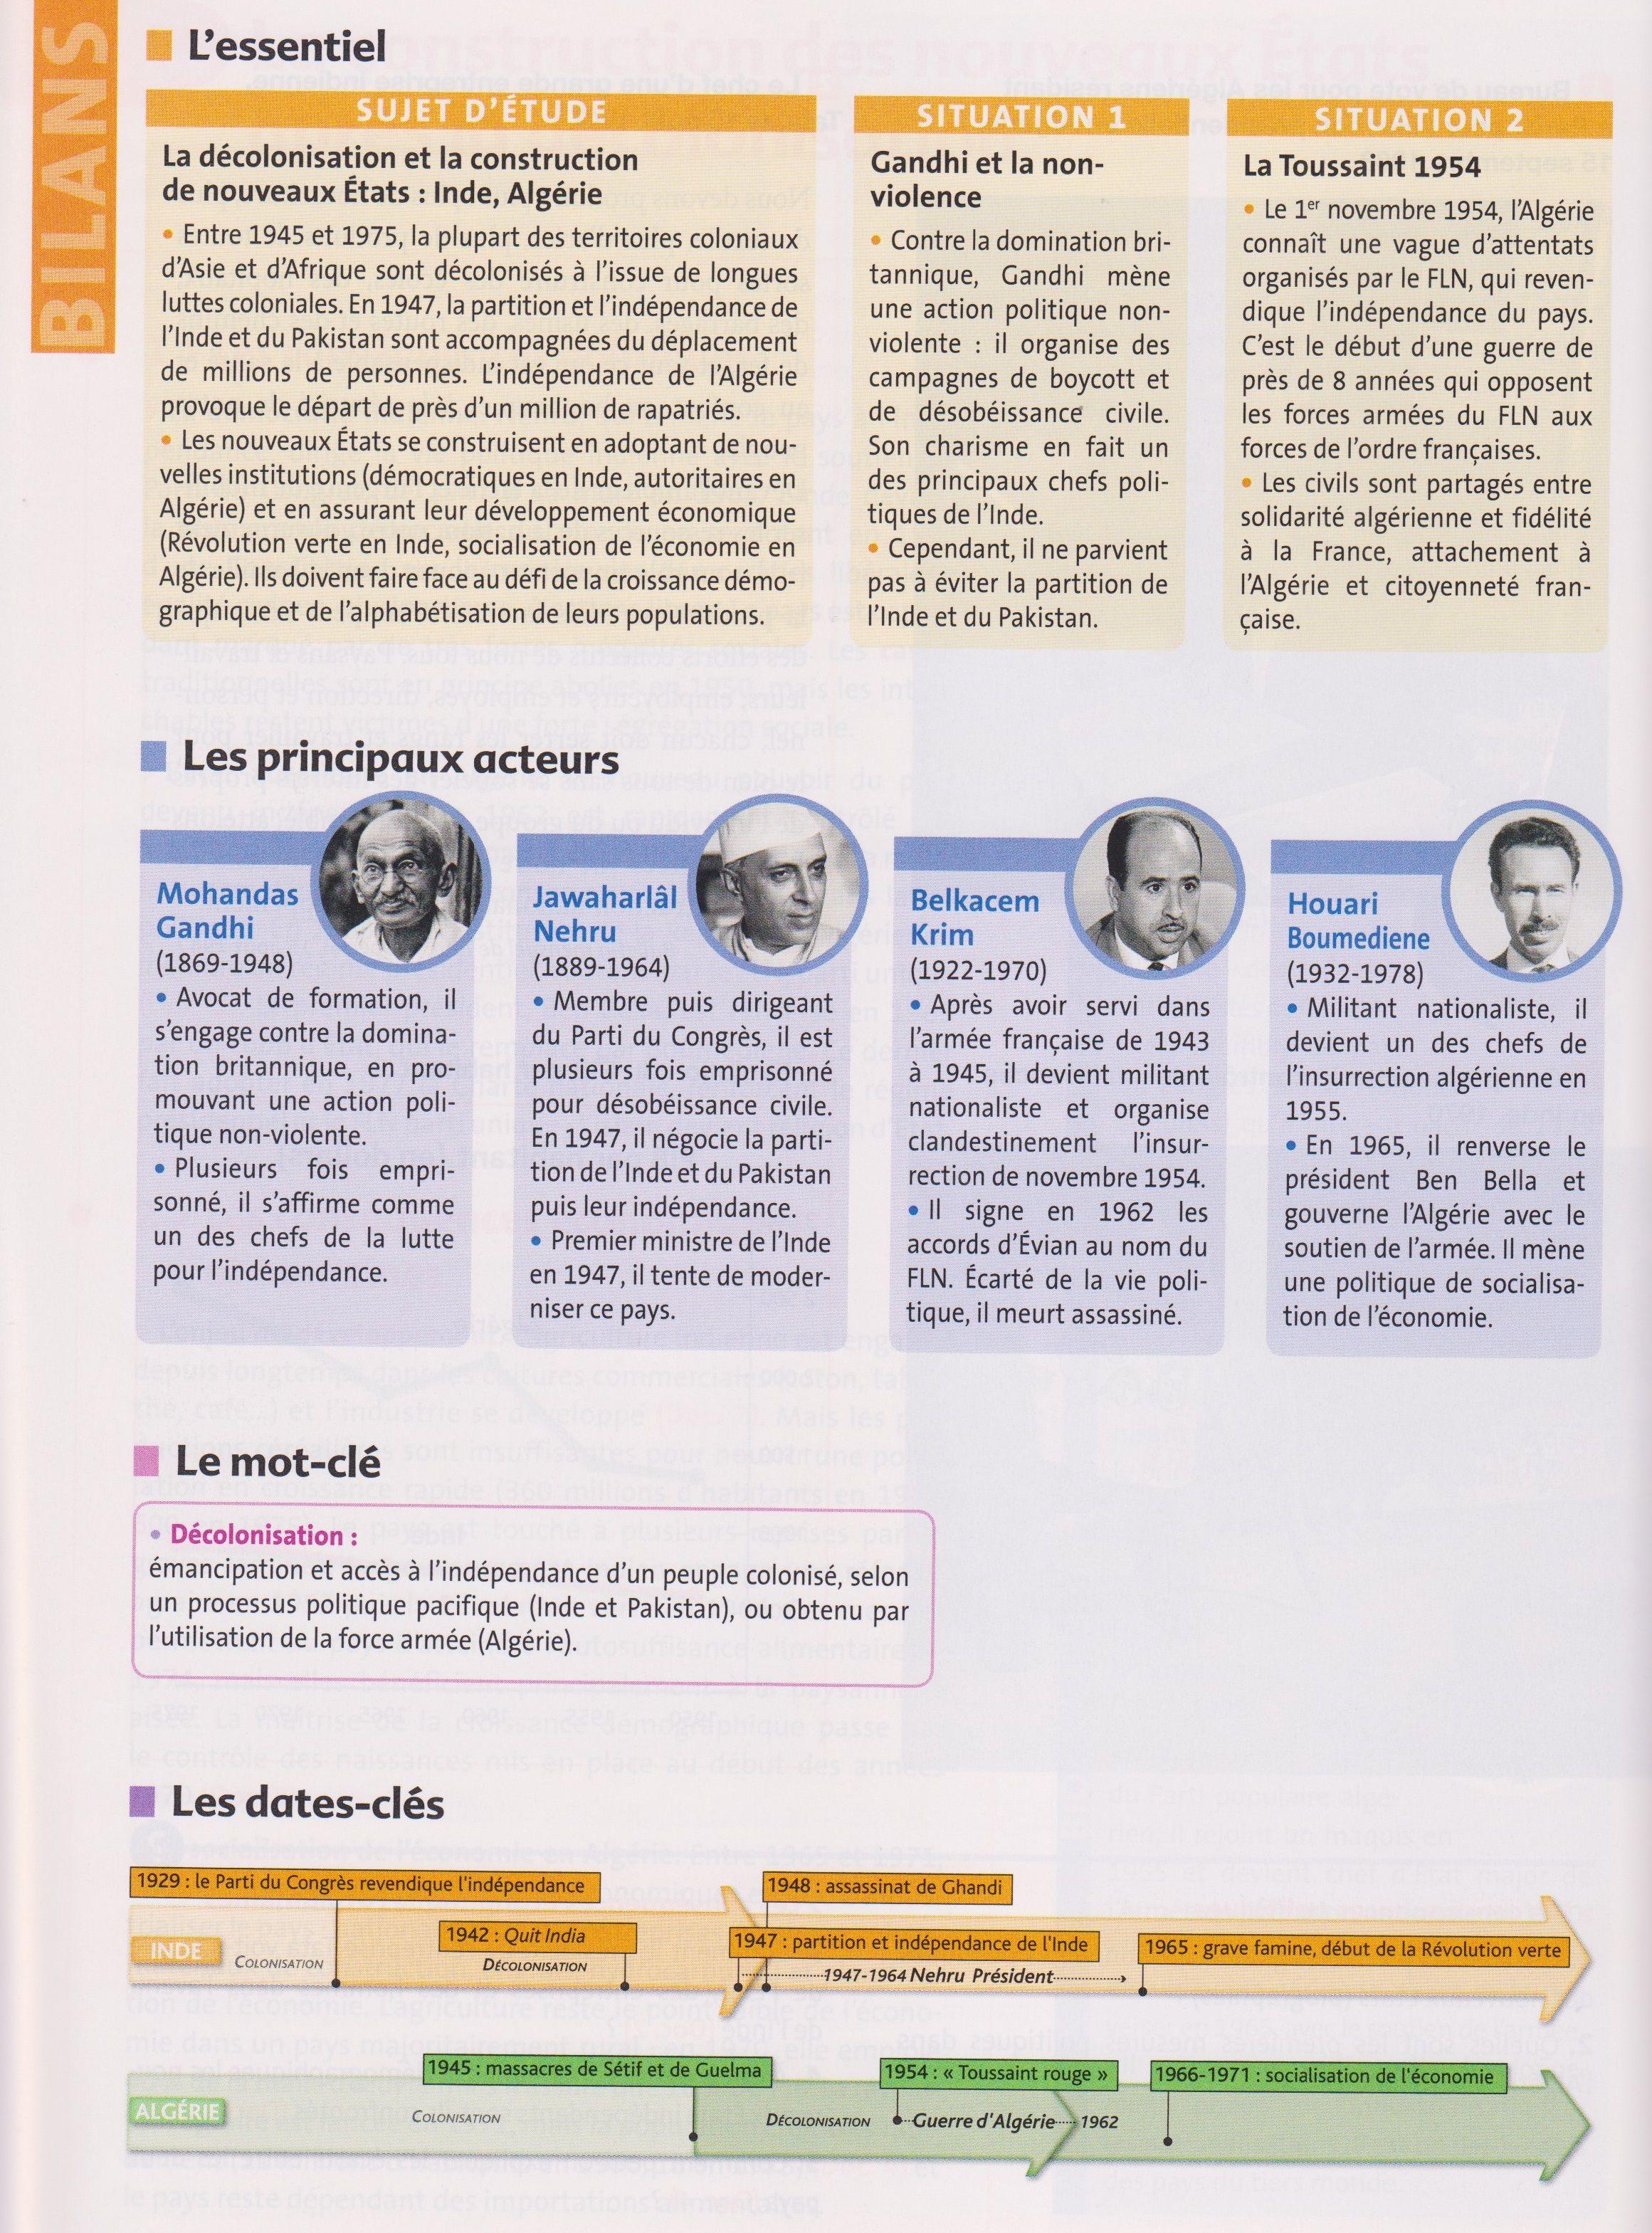 Tbacpro H3 Resume De Cours Pour Le Sujet D Etude D Histoire N 3 La Decolonisation Et La Construction De Nouveaux Eta Revision Bac Sujet Bac Cours Histoire